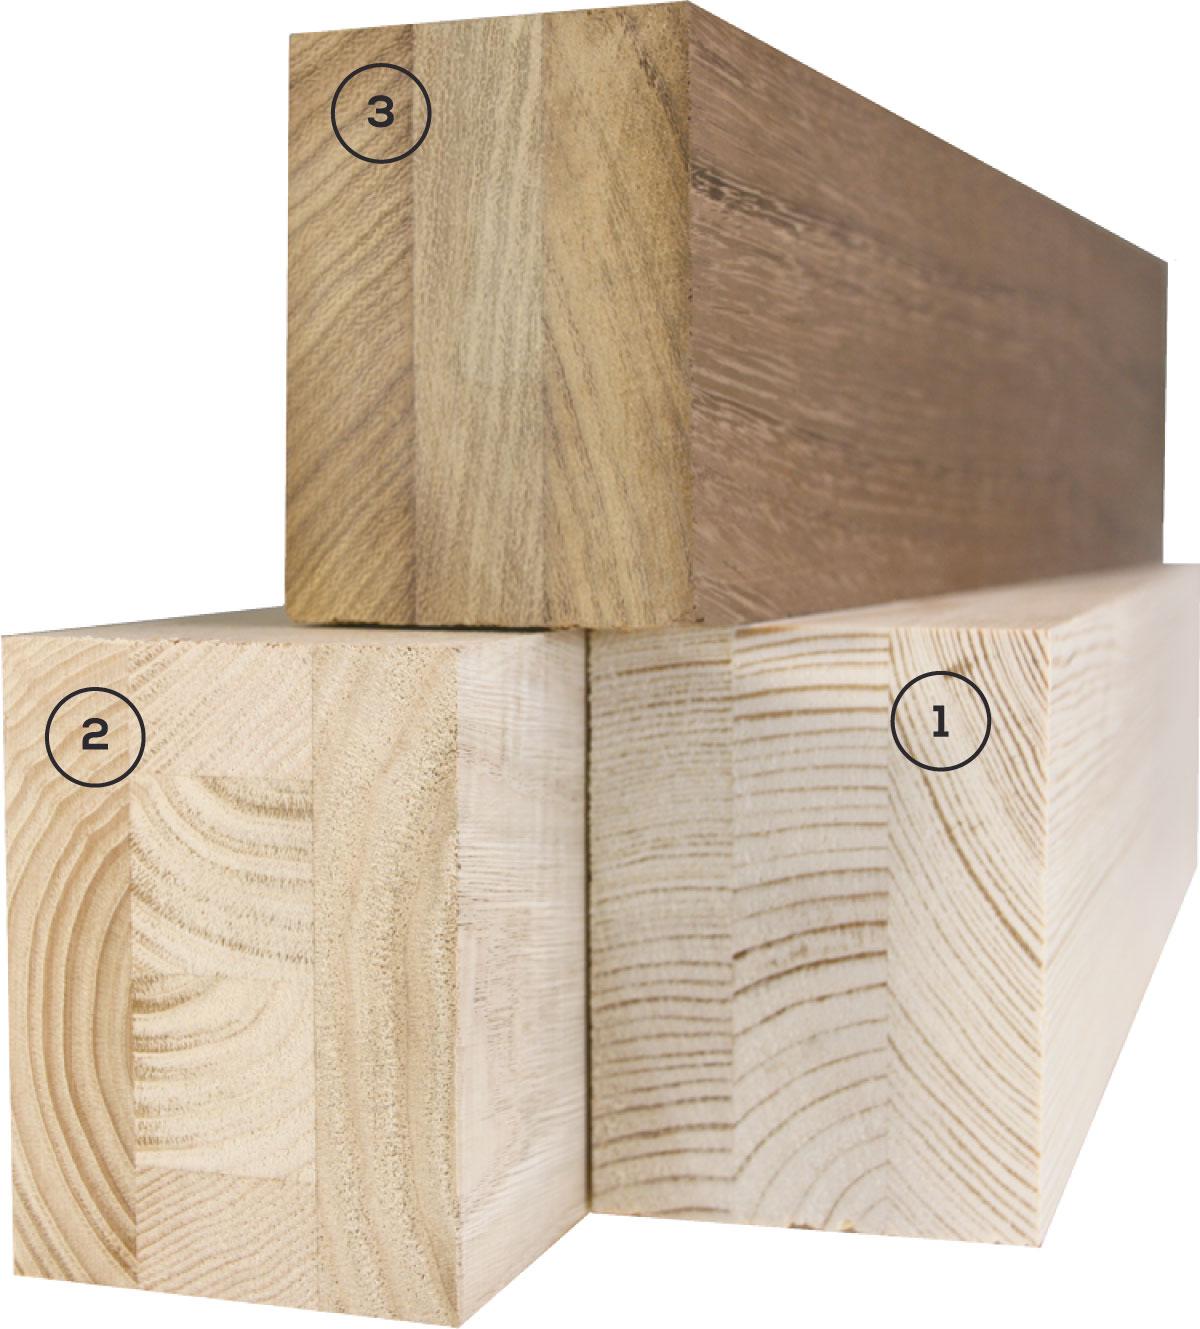 Carreté Finestres - fusta d'iroko, castanyer o pi per a la fabricació de finestres de fusta i alumini